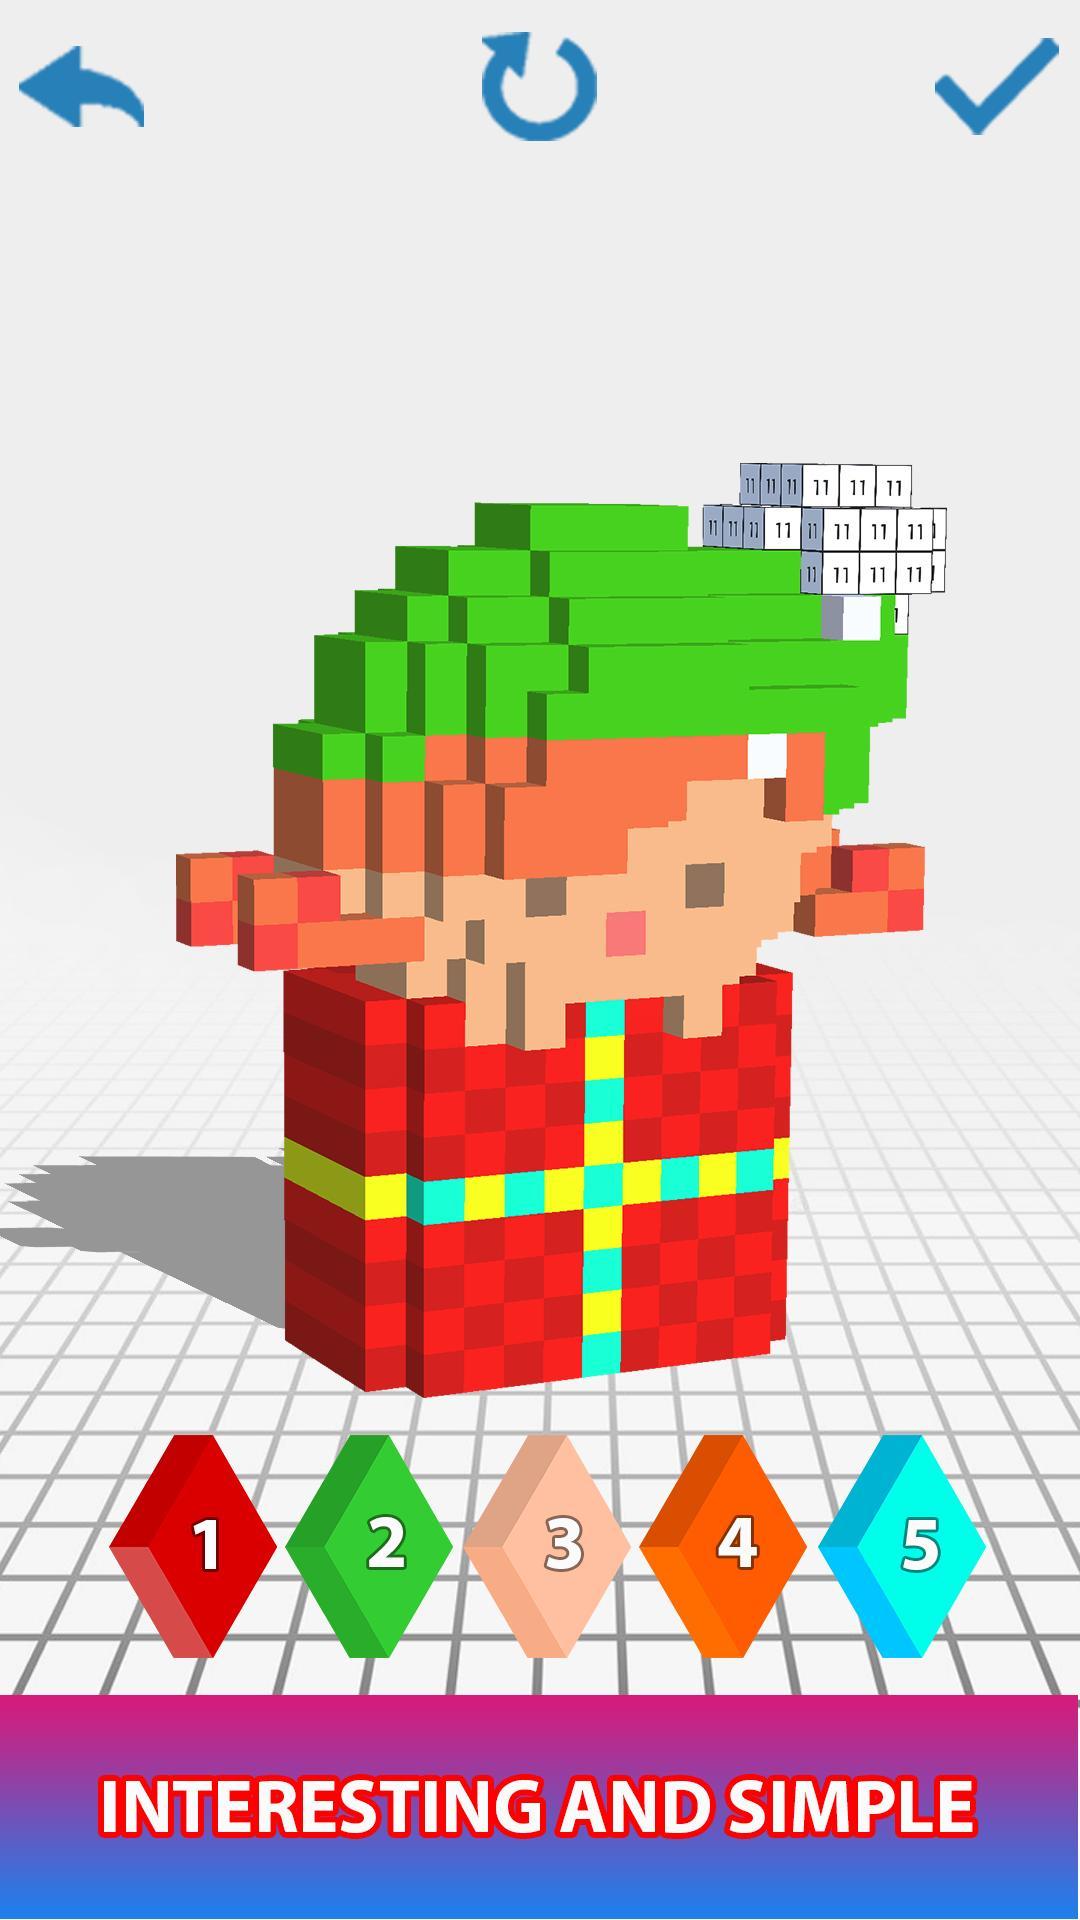 Android Için Christmas 3D Color By Number - Voxel, Pixel Art serapportantà Pixel Art De Noël